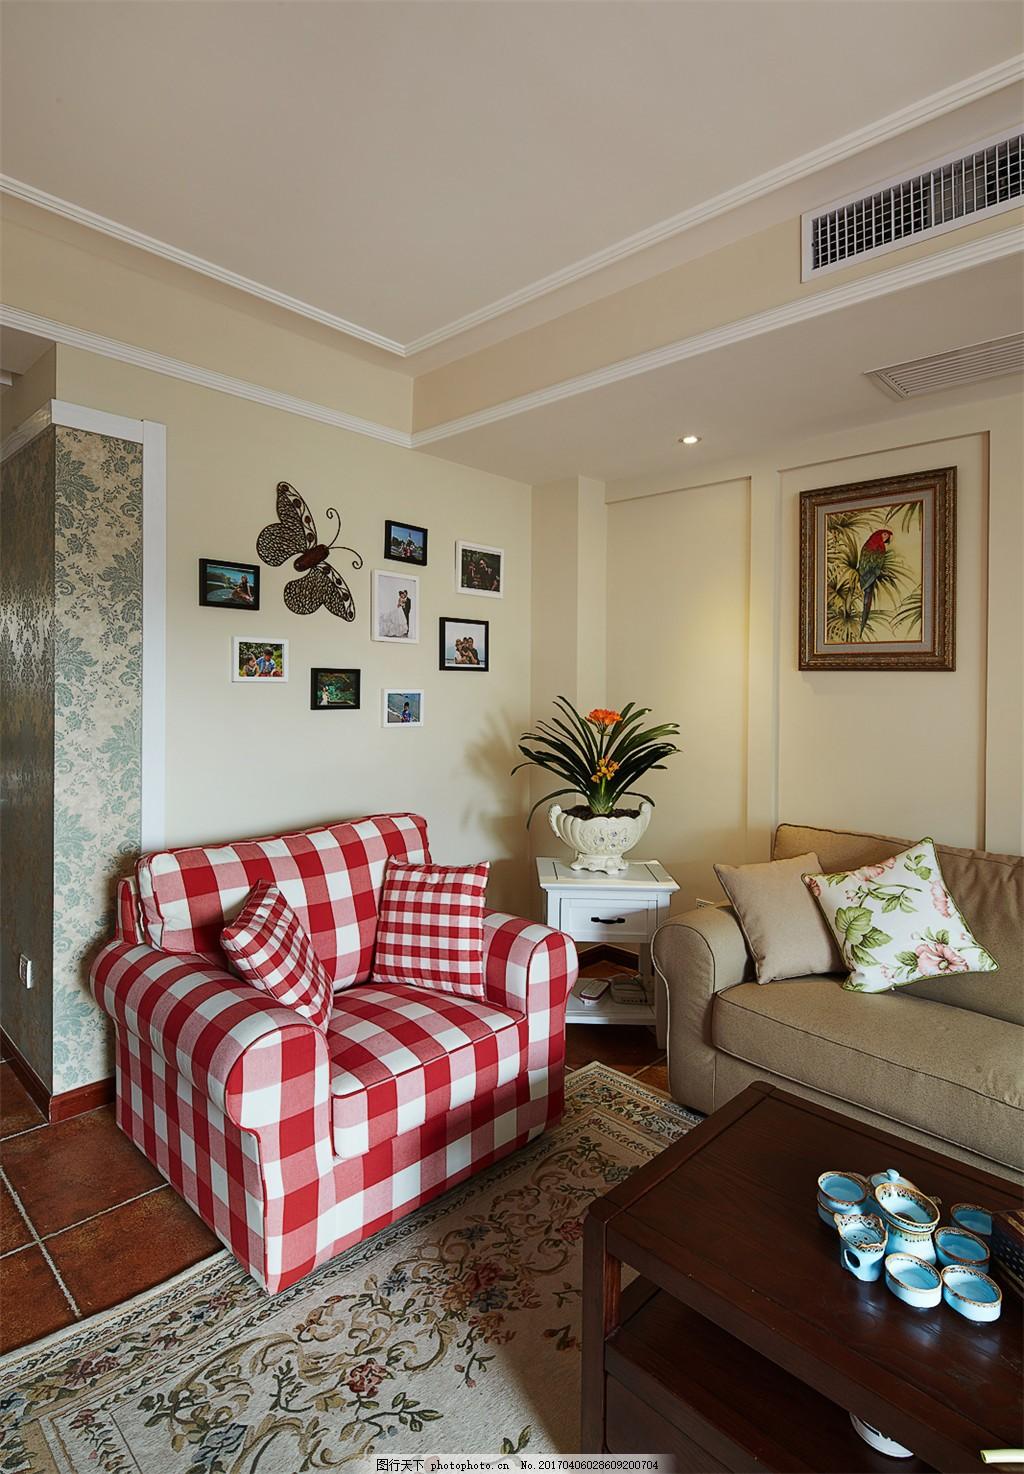 美式客厅格式沙发背景墙设计图 家居 家居生活 室内设计 装修 家具图片